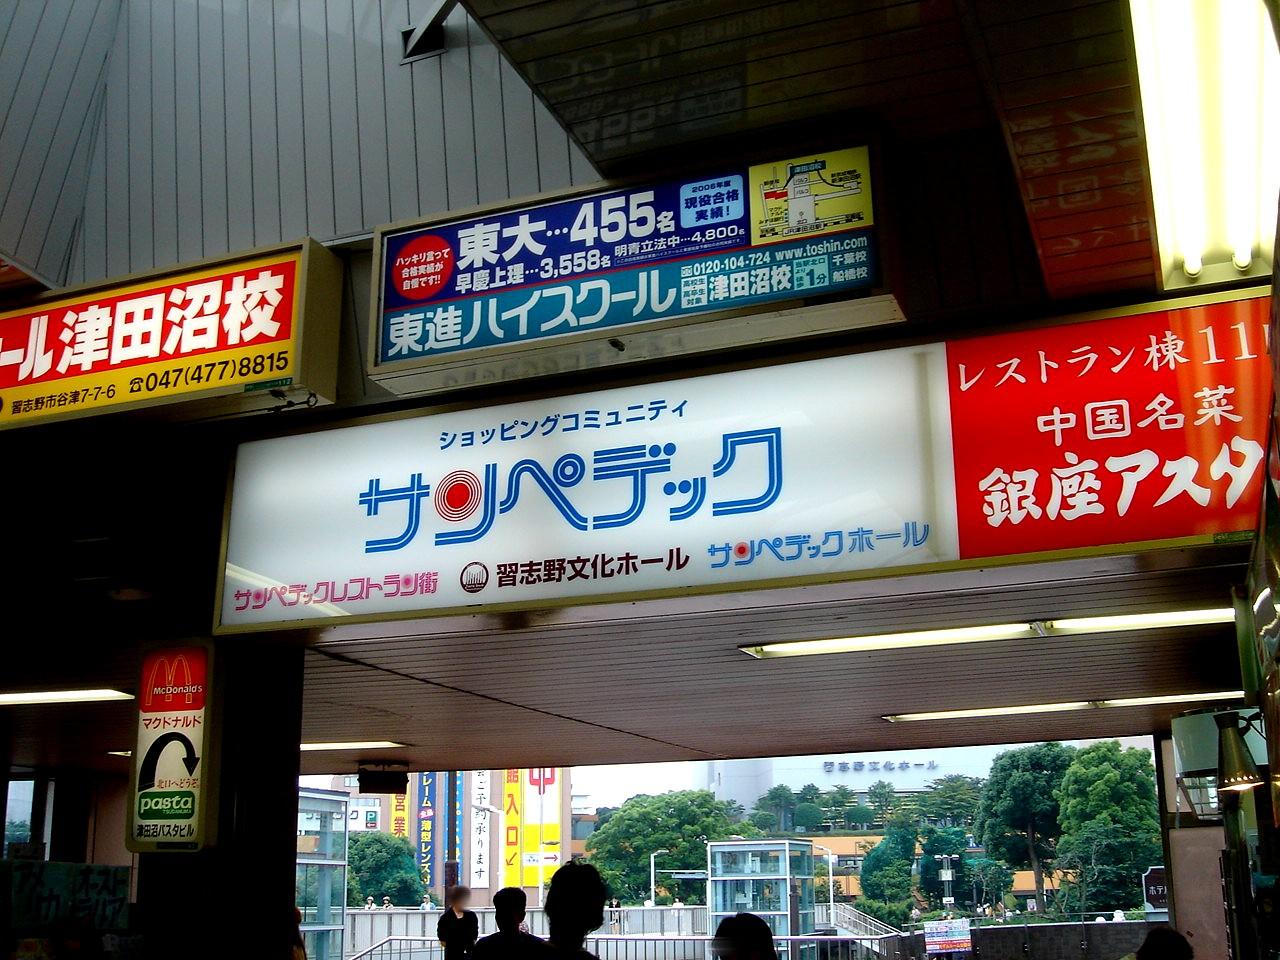 http://livedoor.blogimg.jp/vivit2006/imgs/7/3/7355f55a.JPG